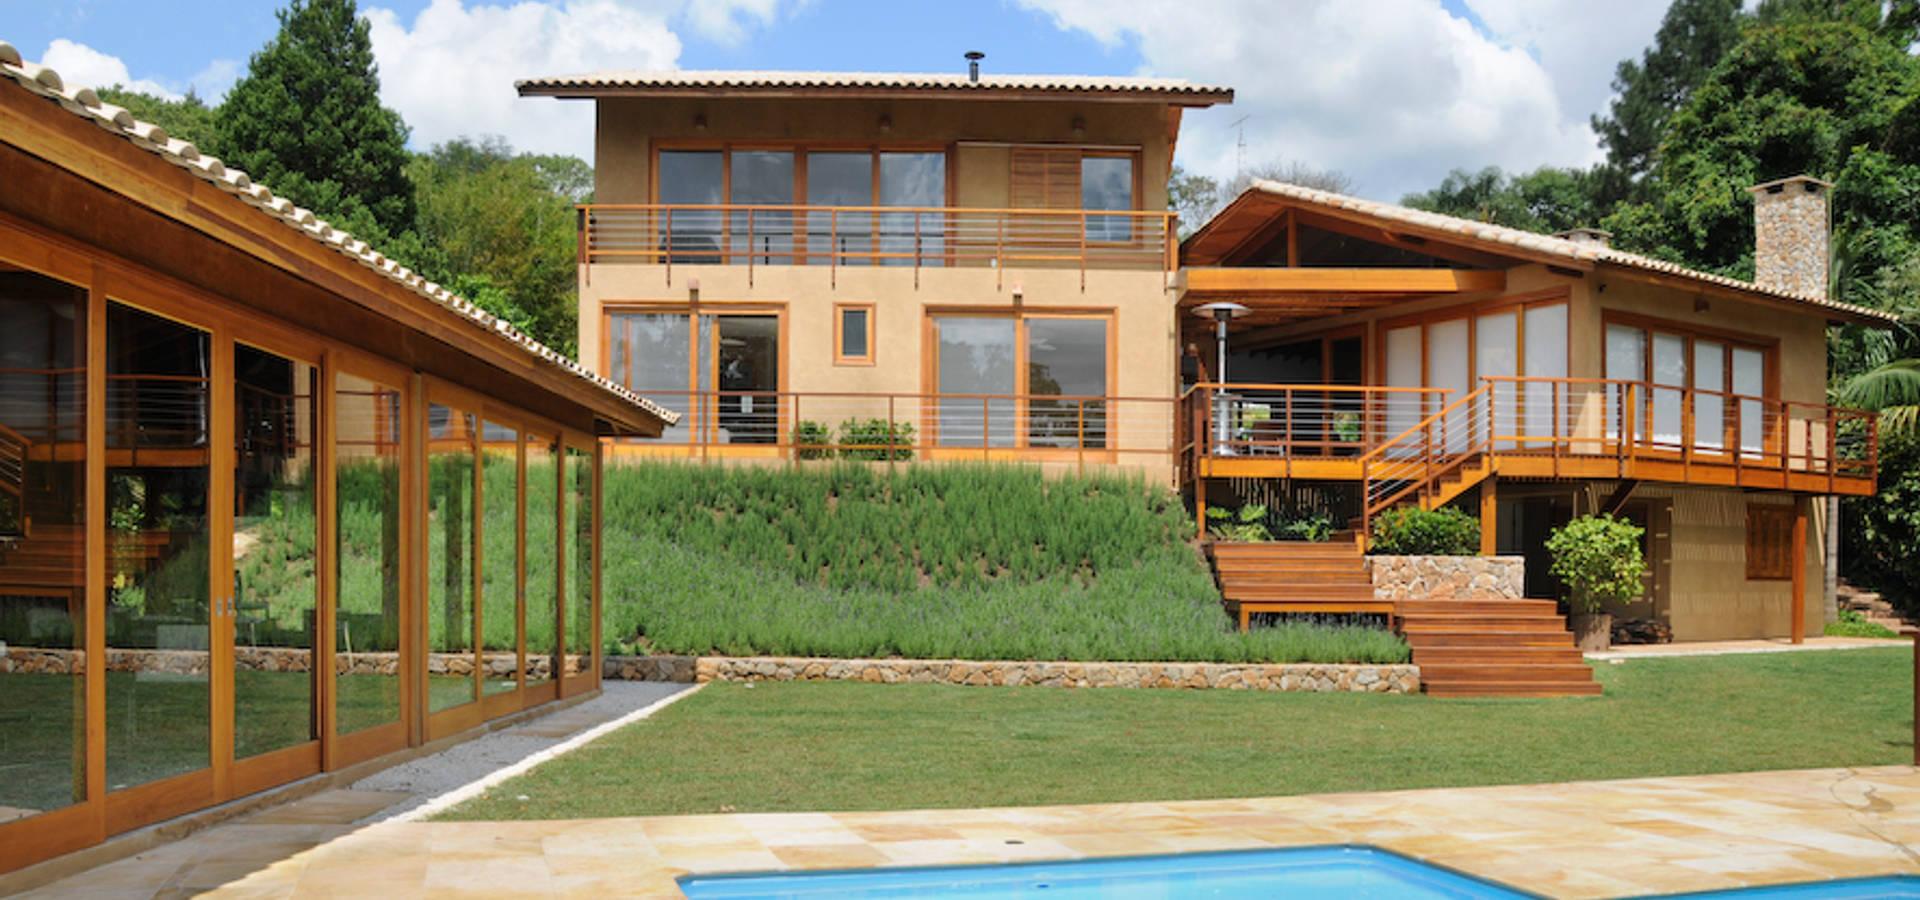 Martins Valente Arquitetura e Interiores